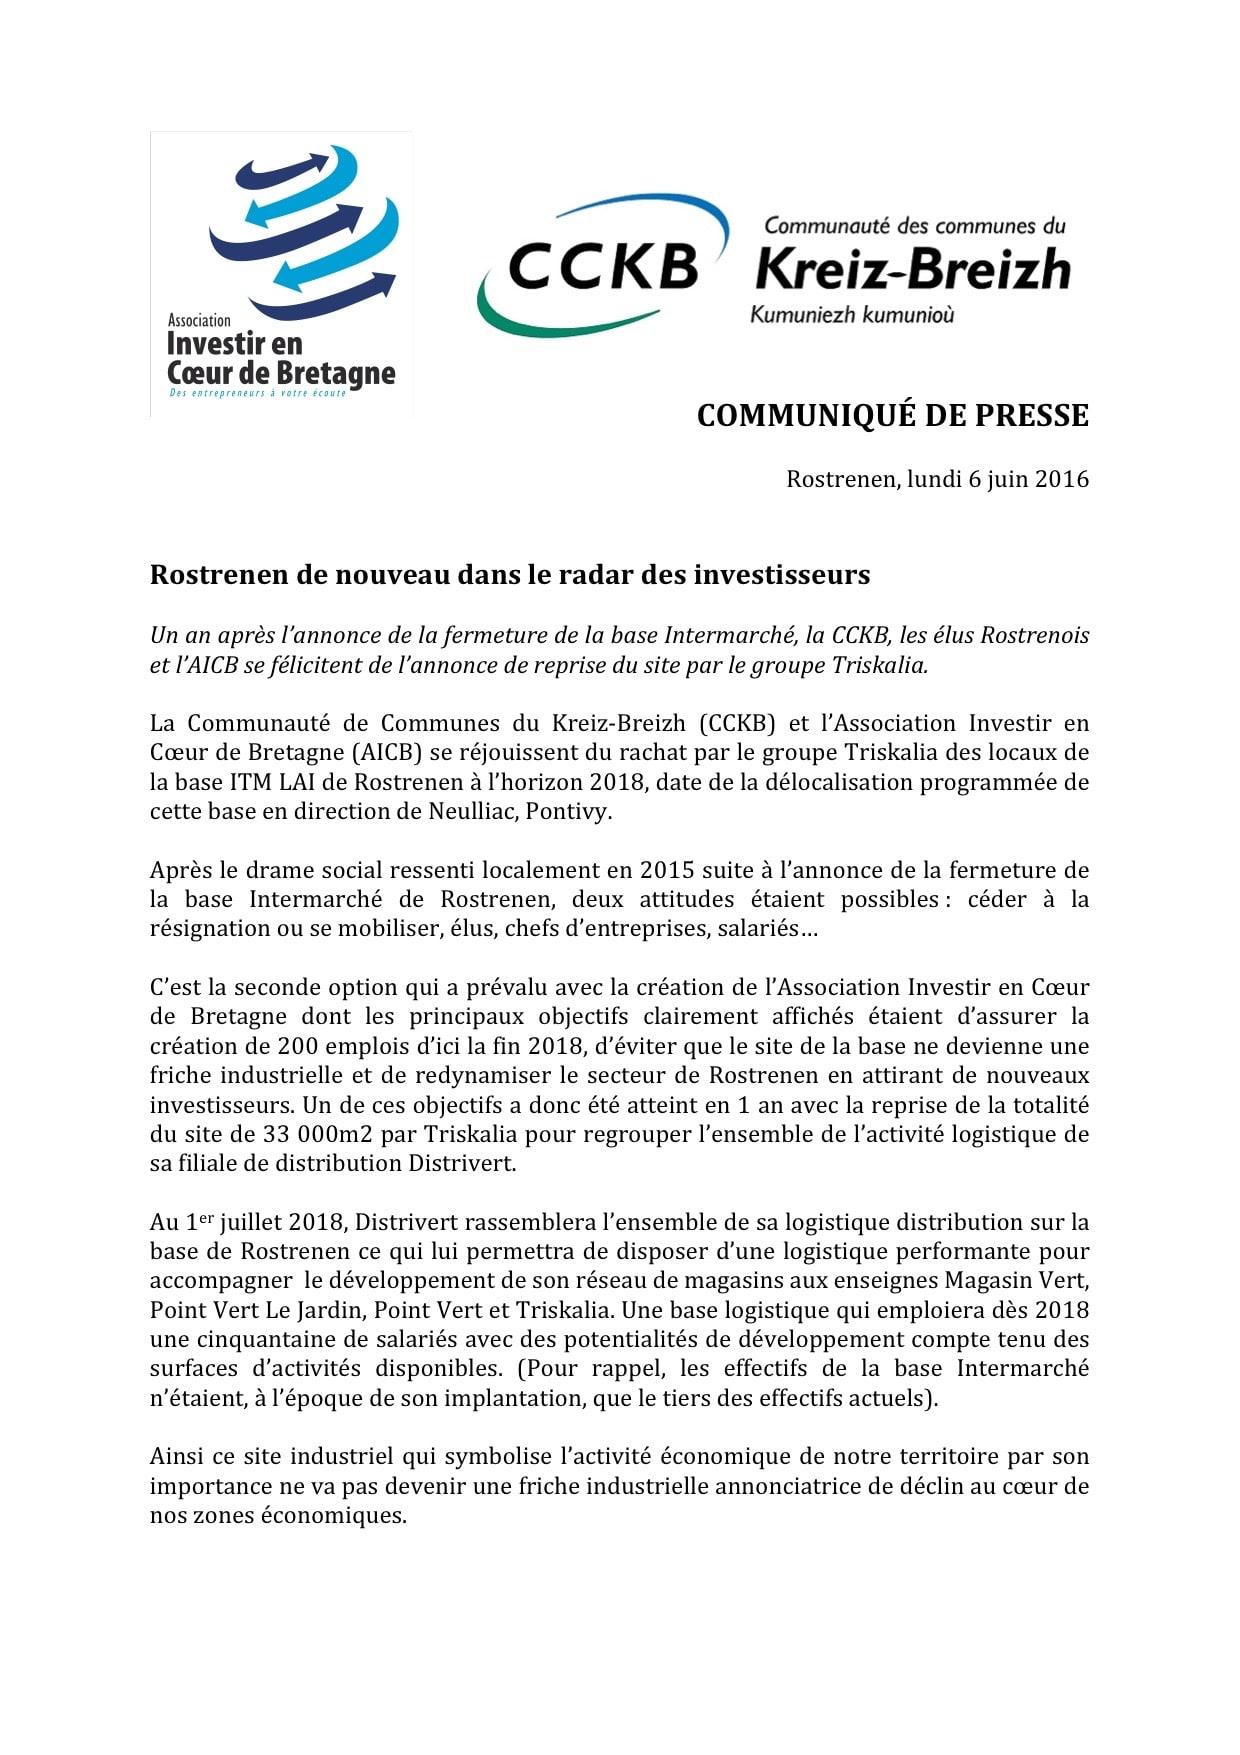 CP - AICB - Rostrenen de nouveau dans le radar des investisseurs